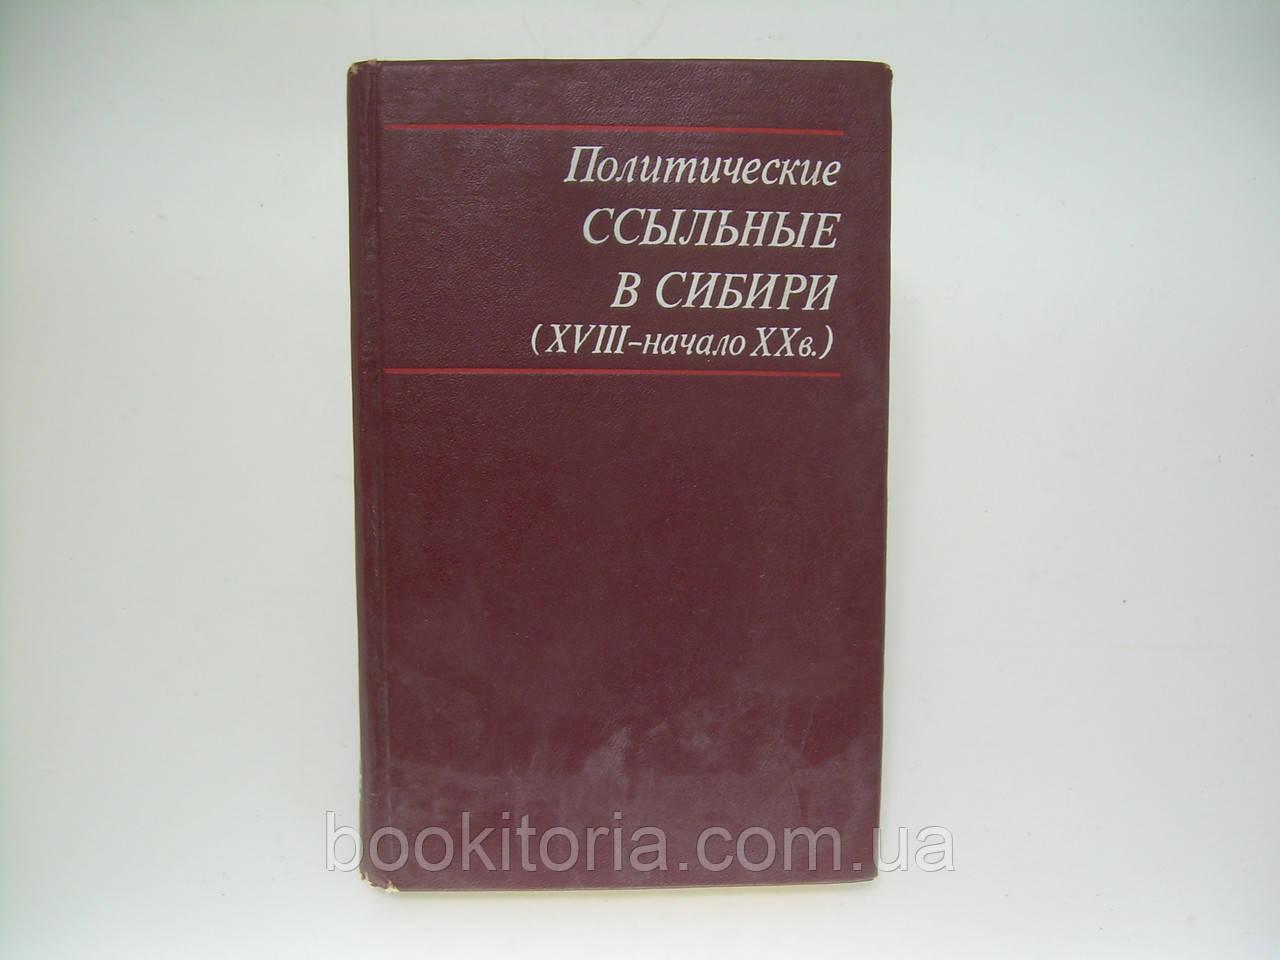 Политические ссыльные в Сибири (XVIII-начало XX в.) (б/у).